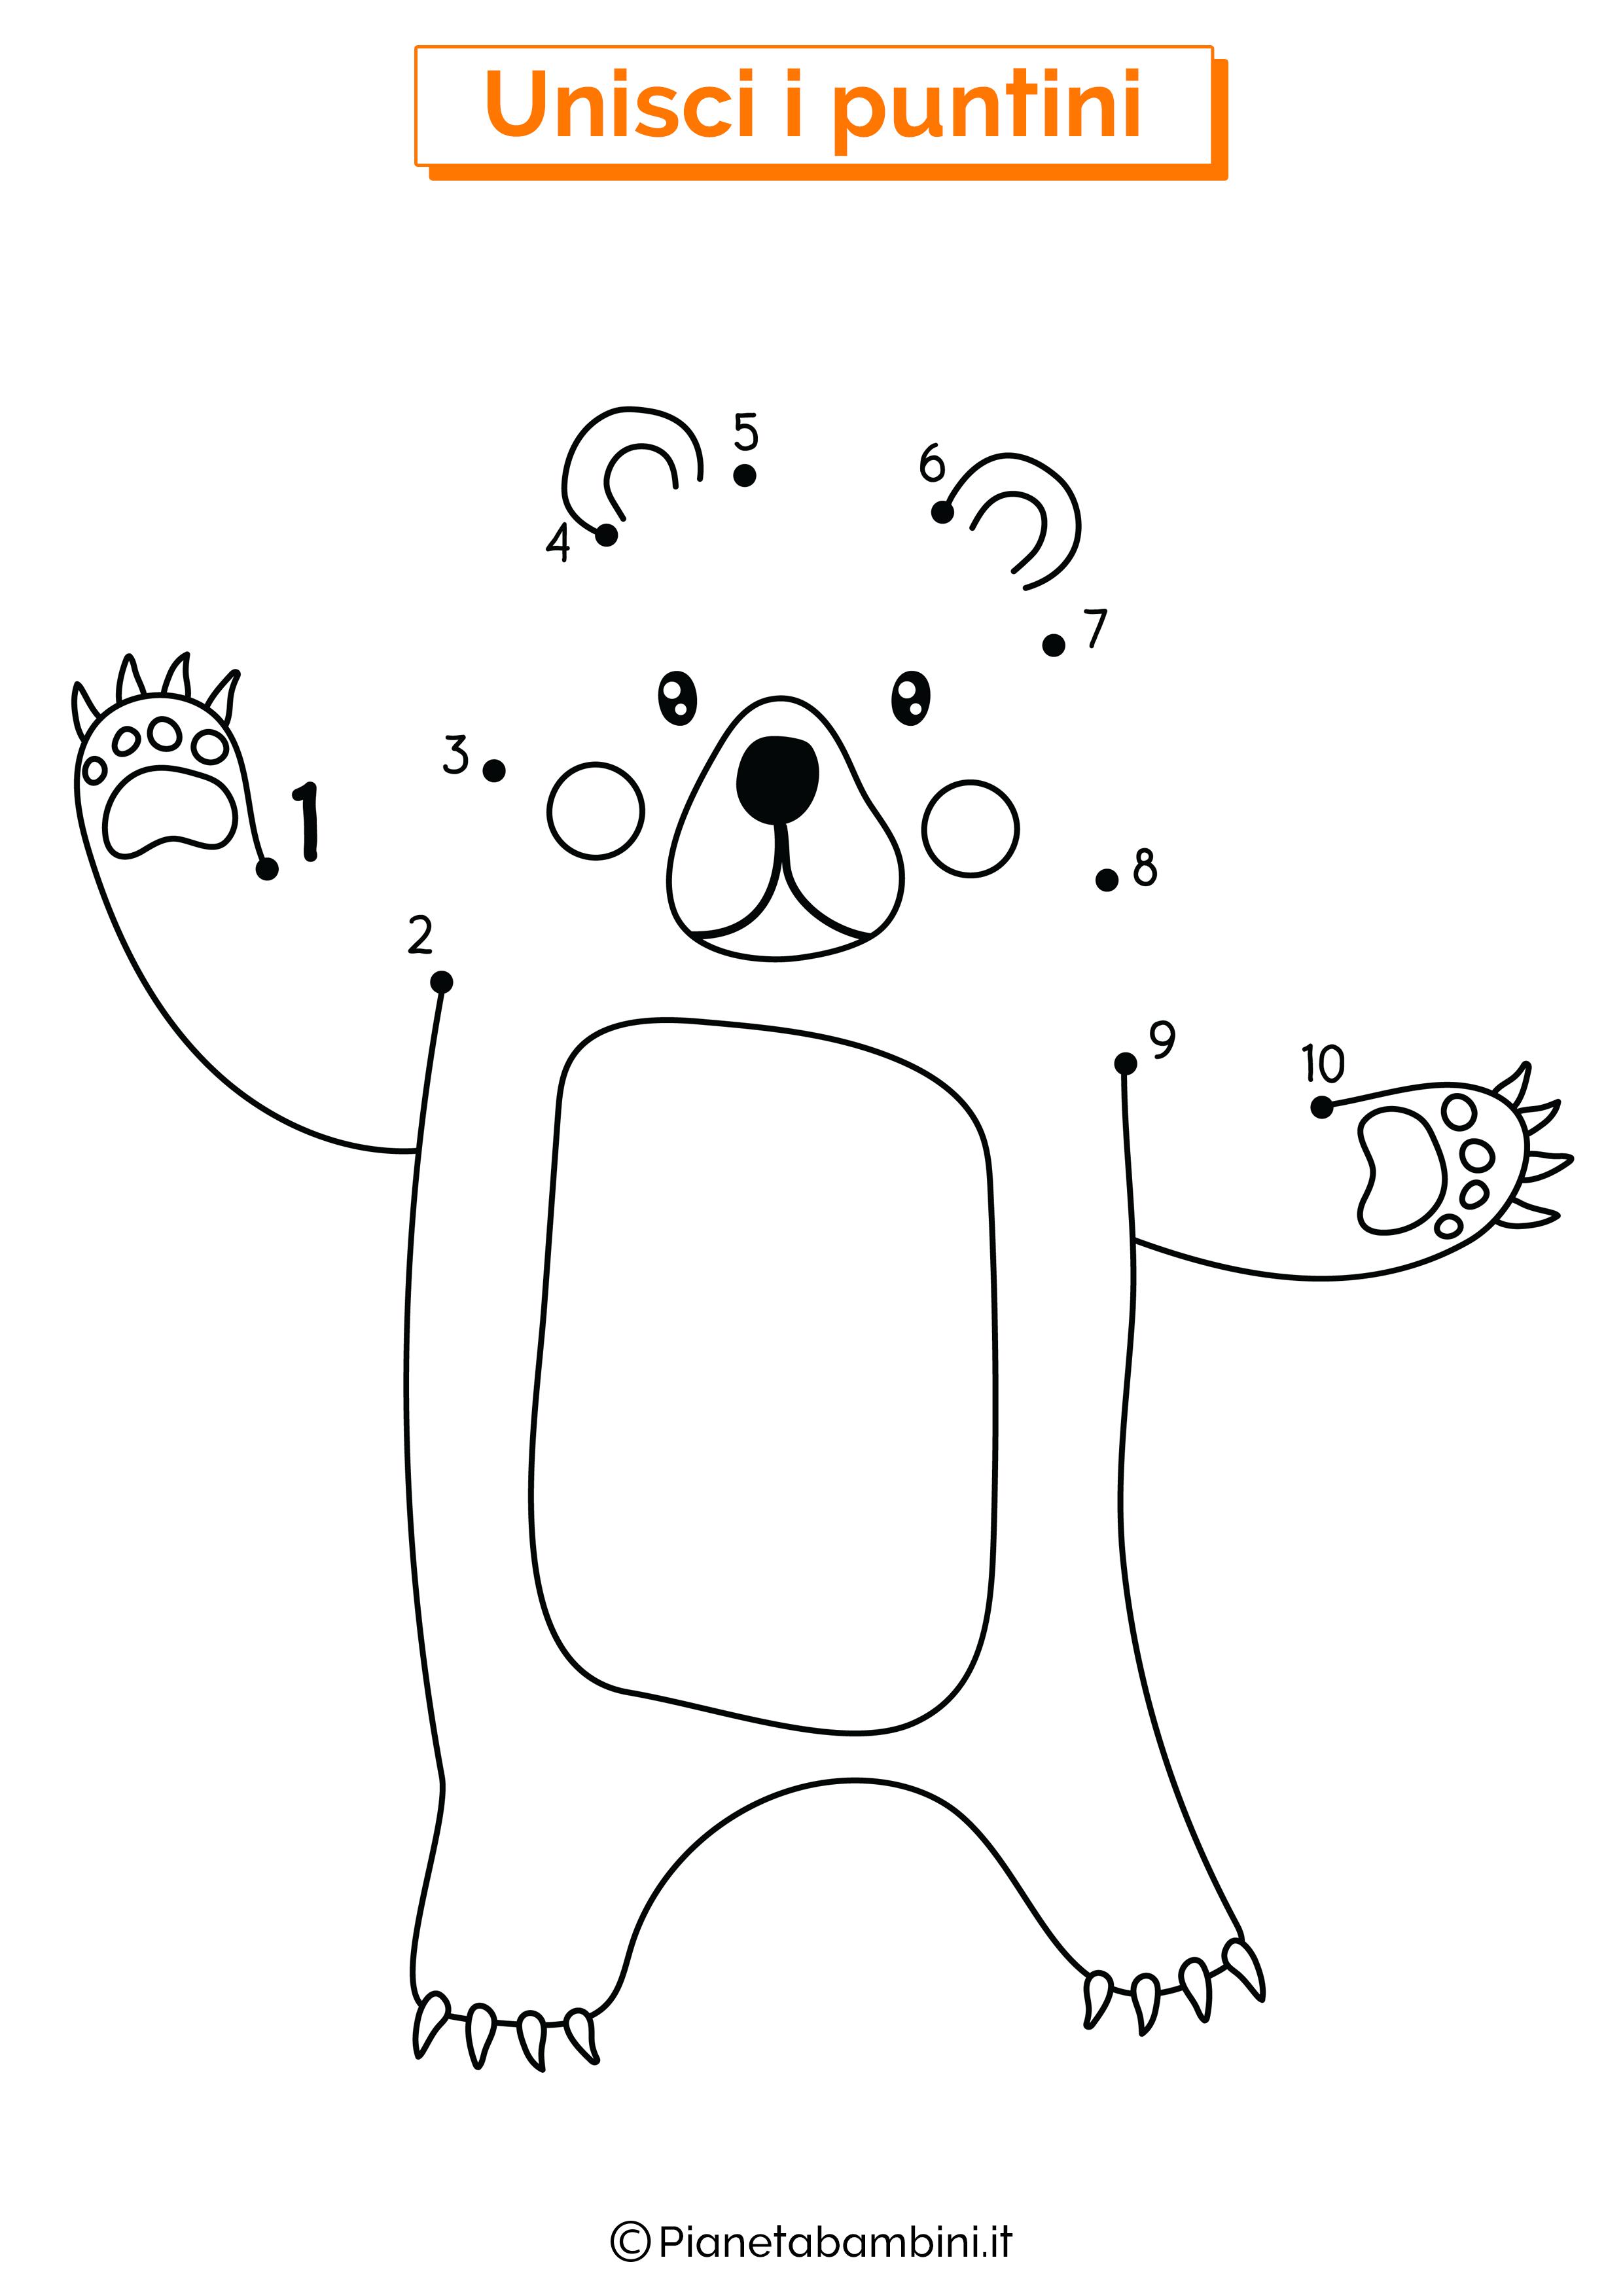 Disegno unisci i puntini da 1 a 10 orso